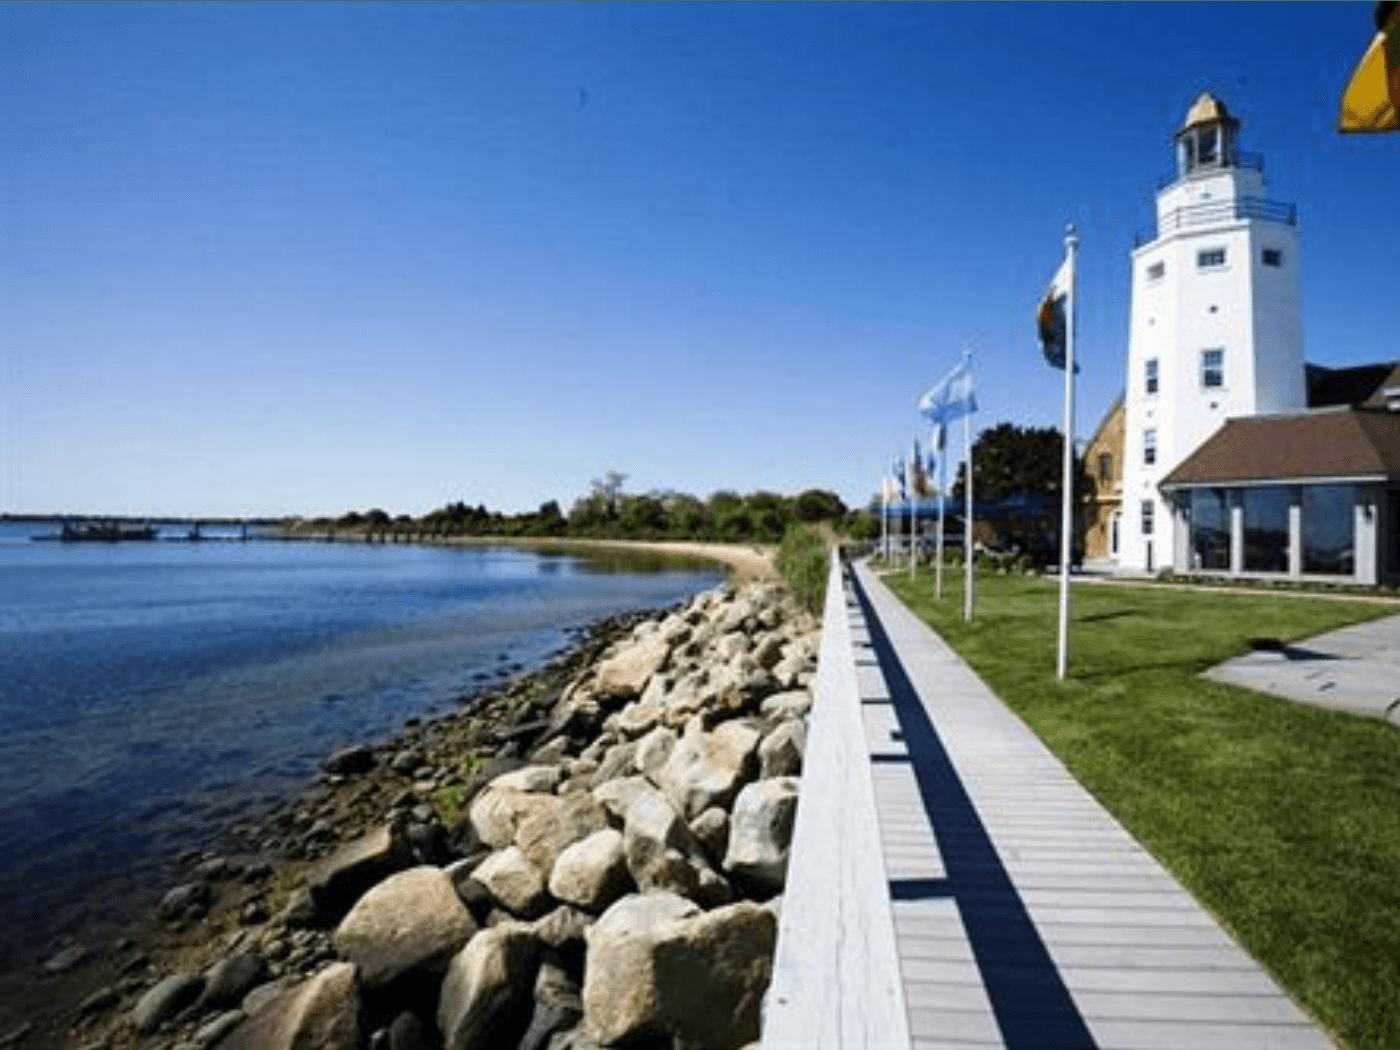 Montauk Yacht Club Resort bike rentals